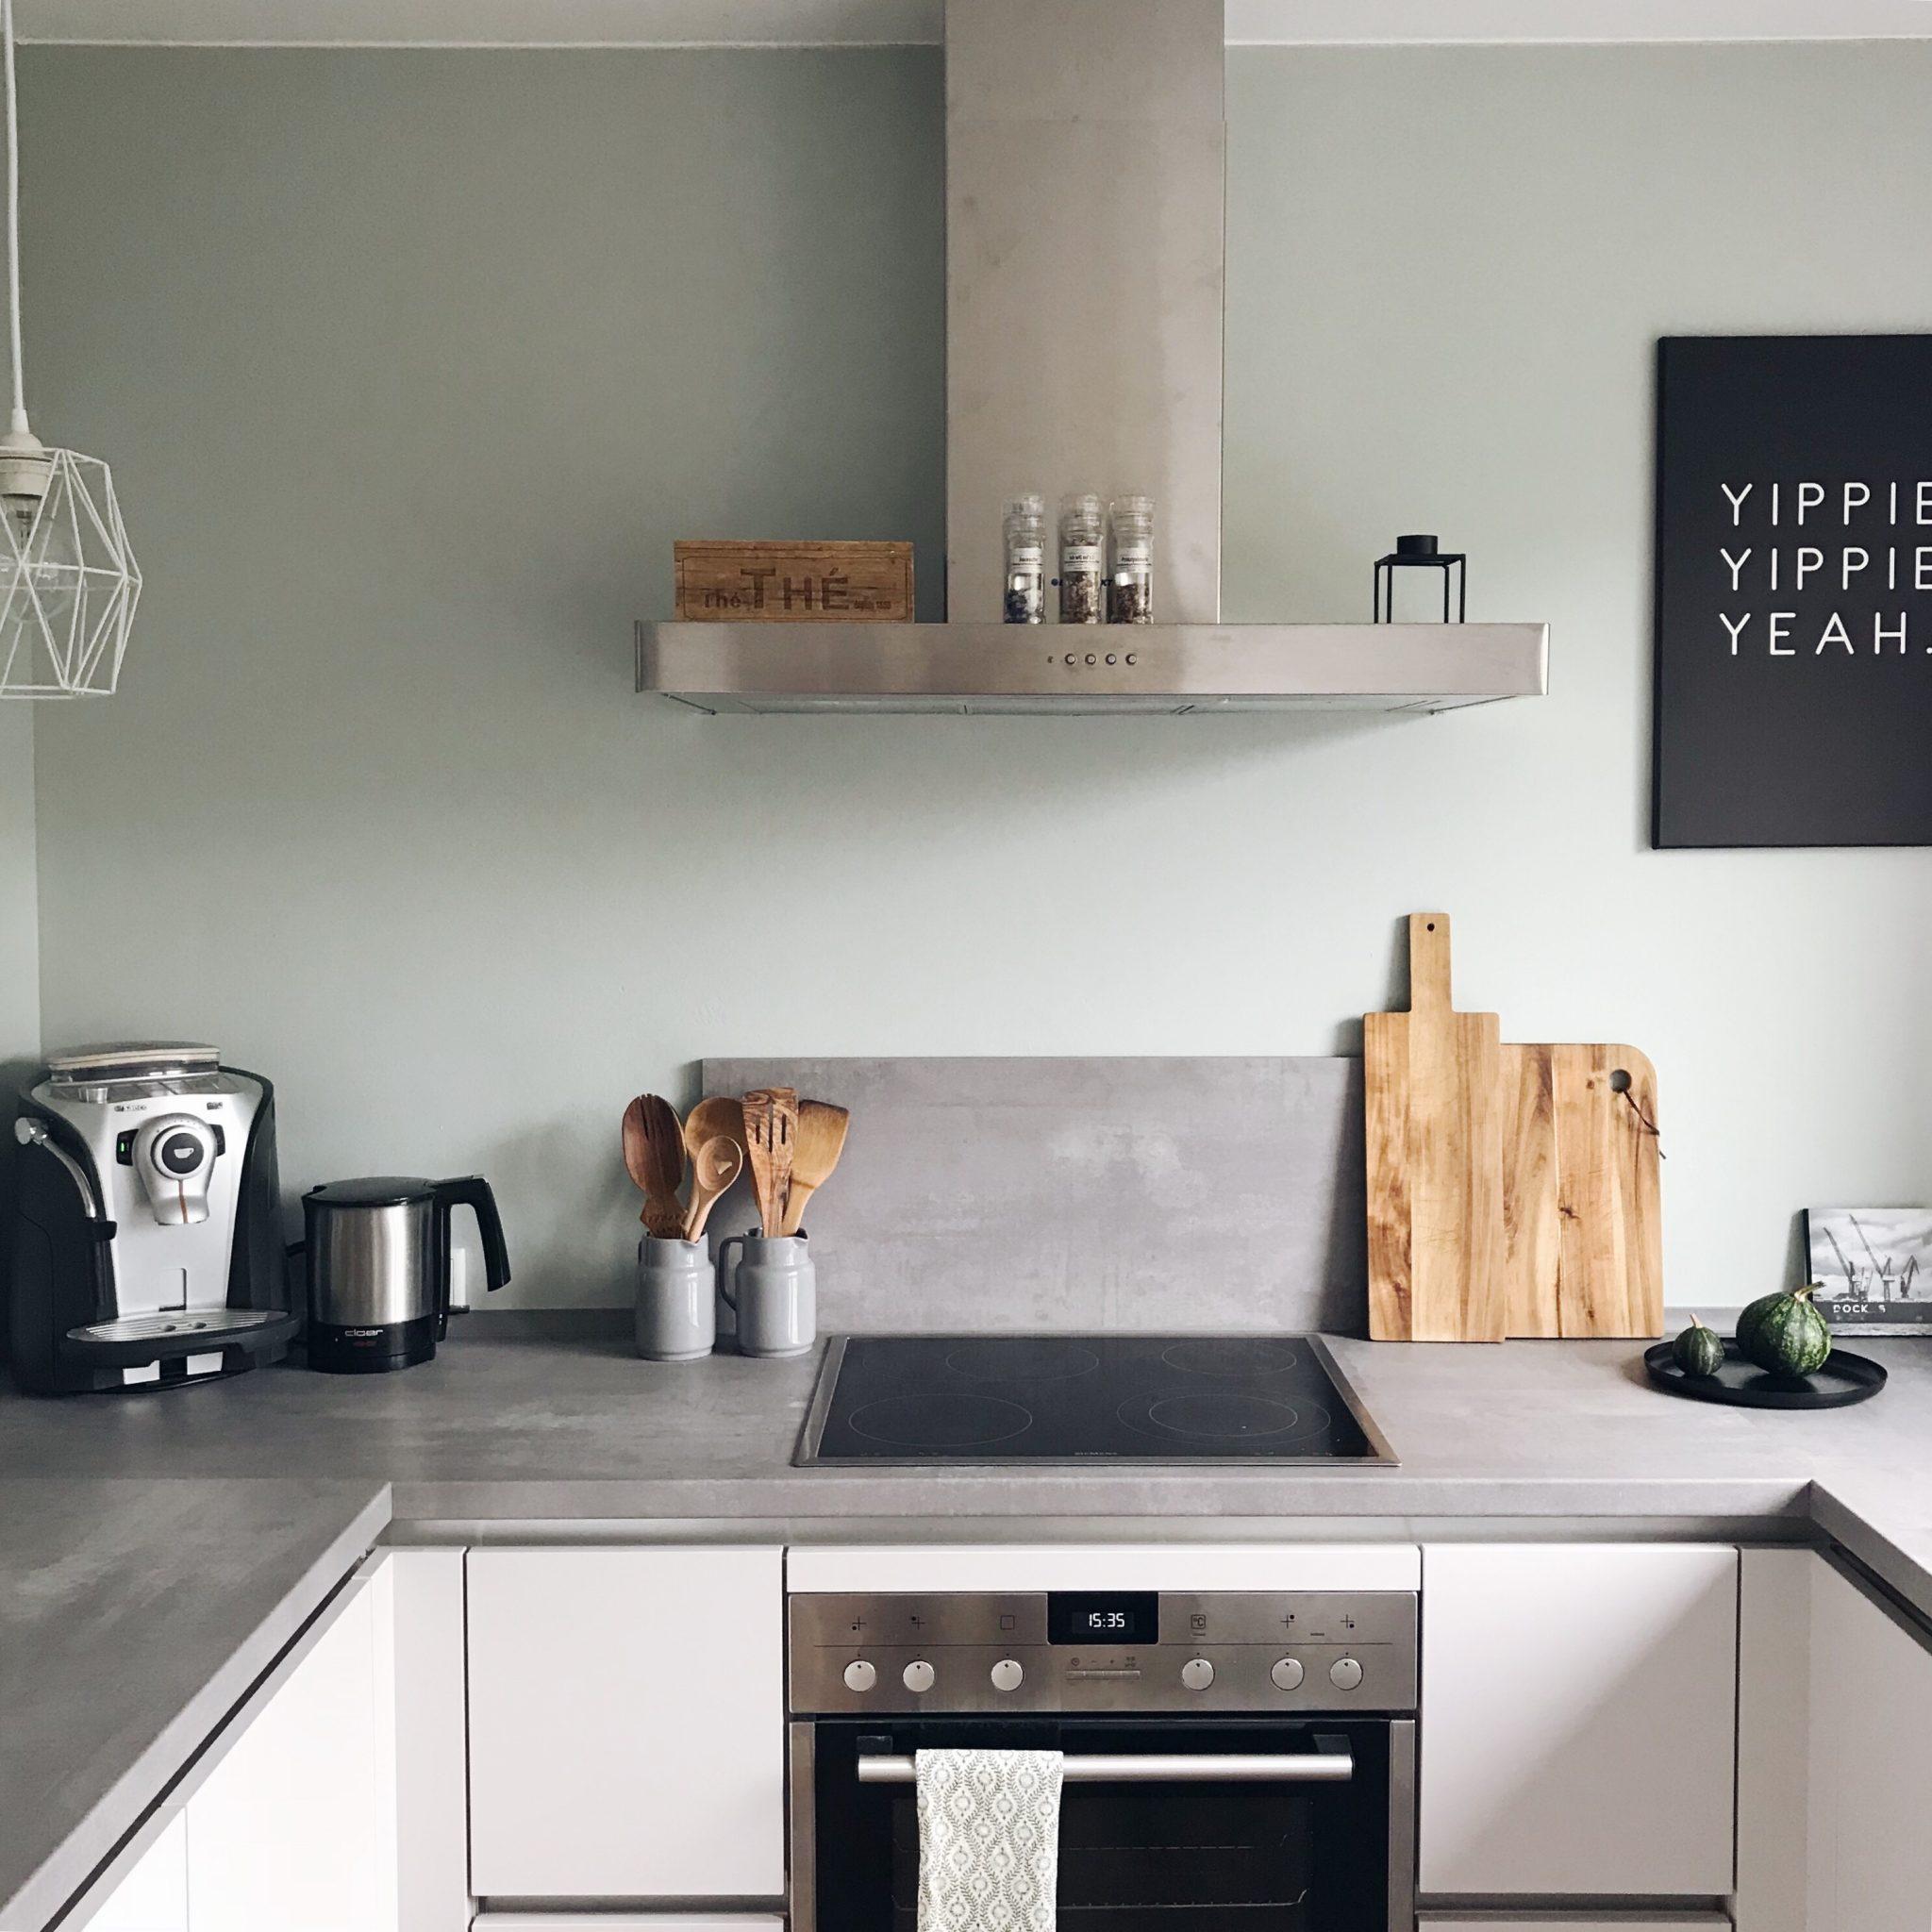 Ein Erster Blick In Unsere Neue Kuche Und Tipps Fur Die Planung